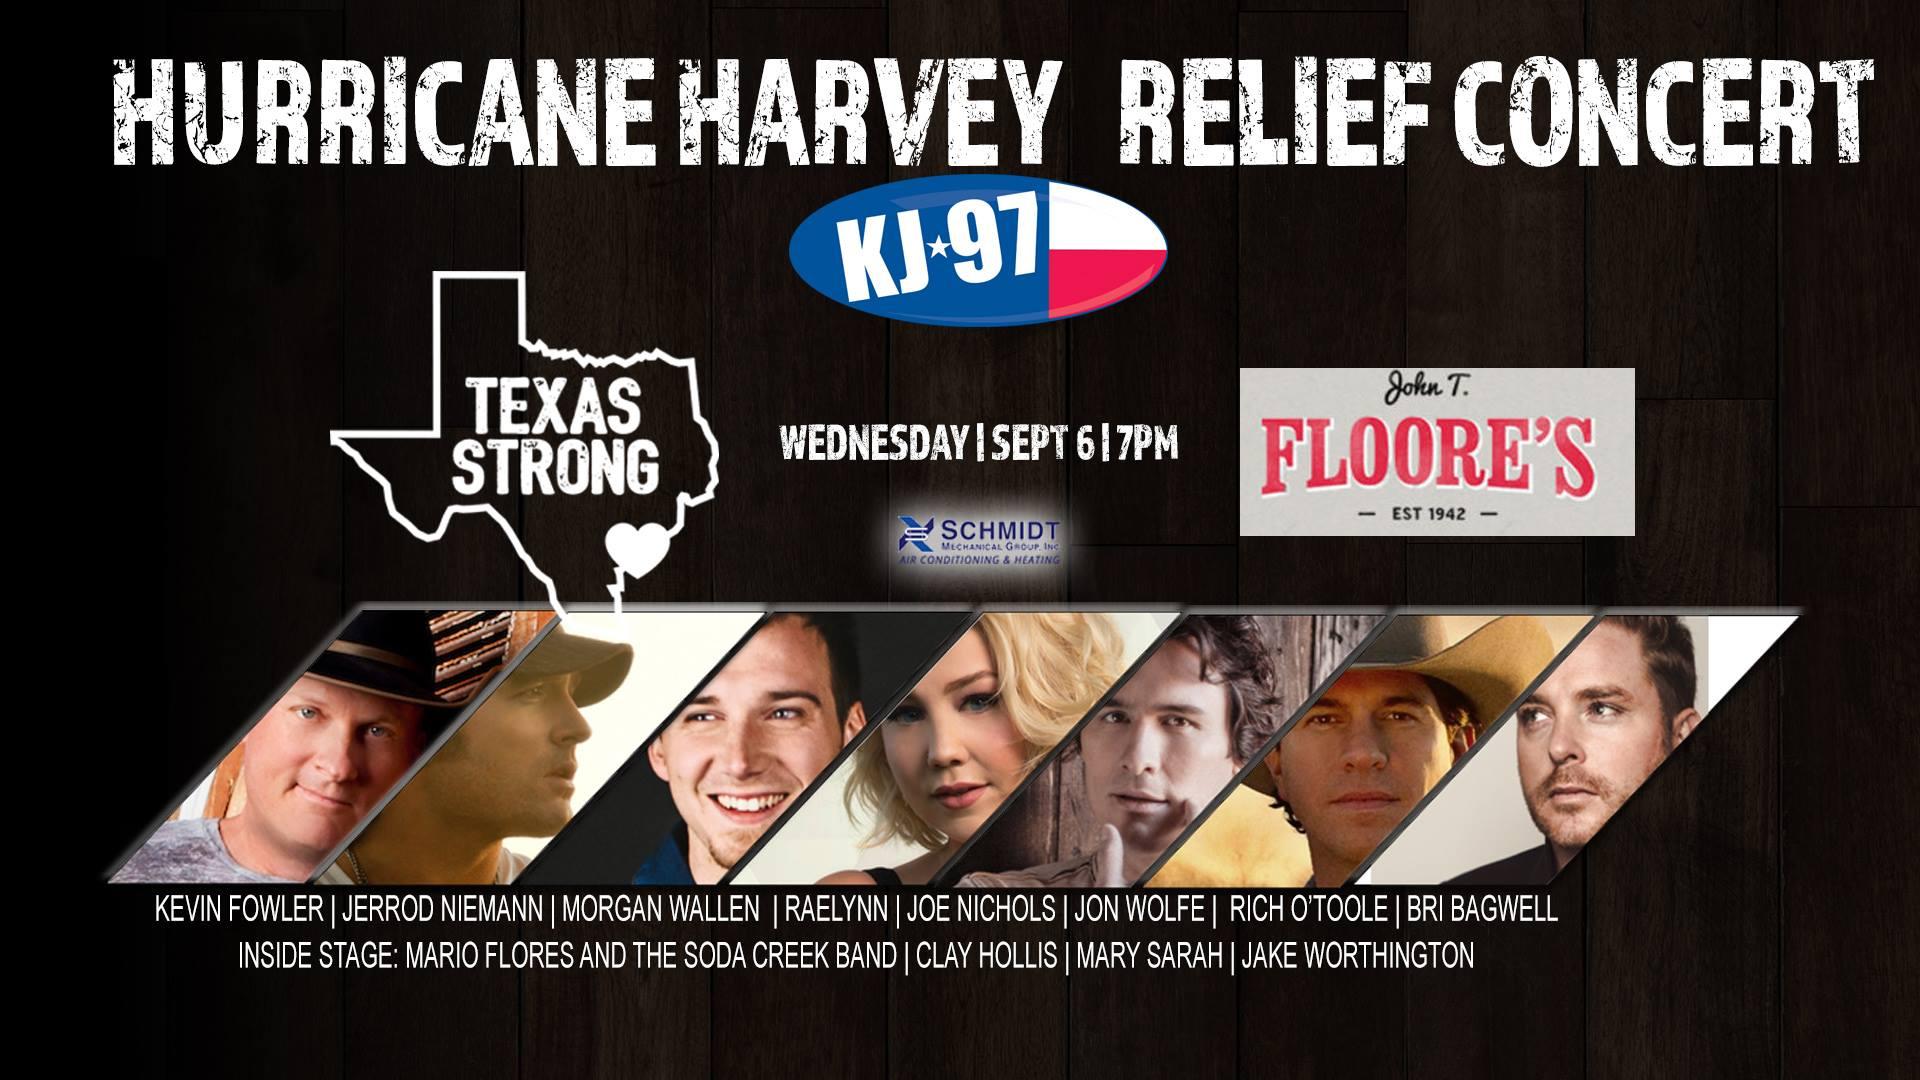 Hurricane Harvey Relief Concert